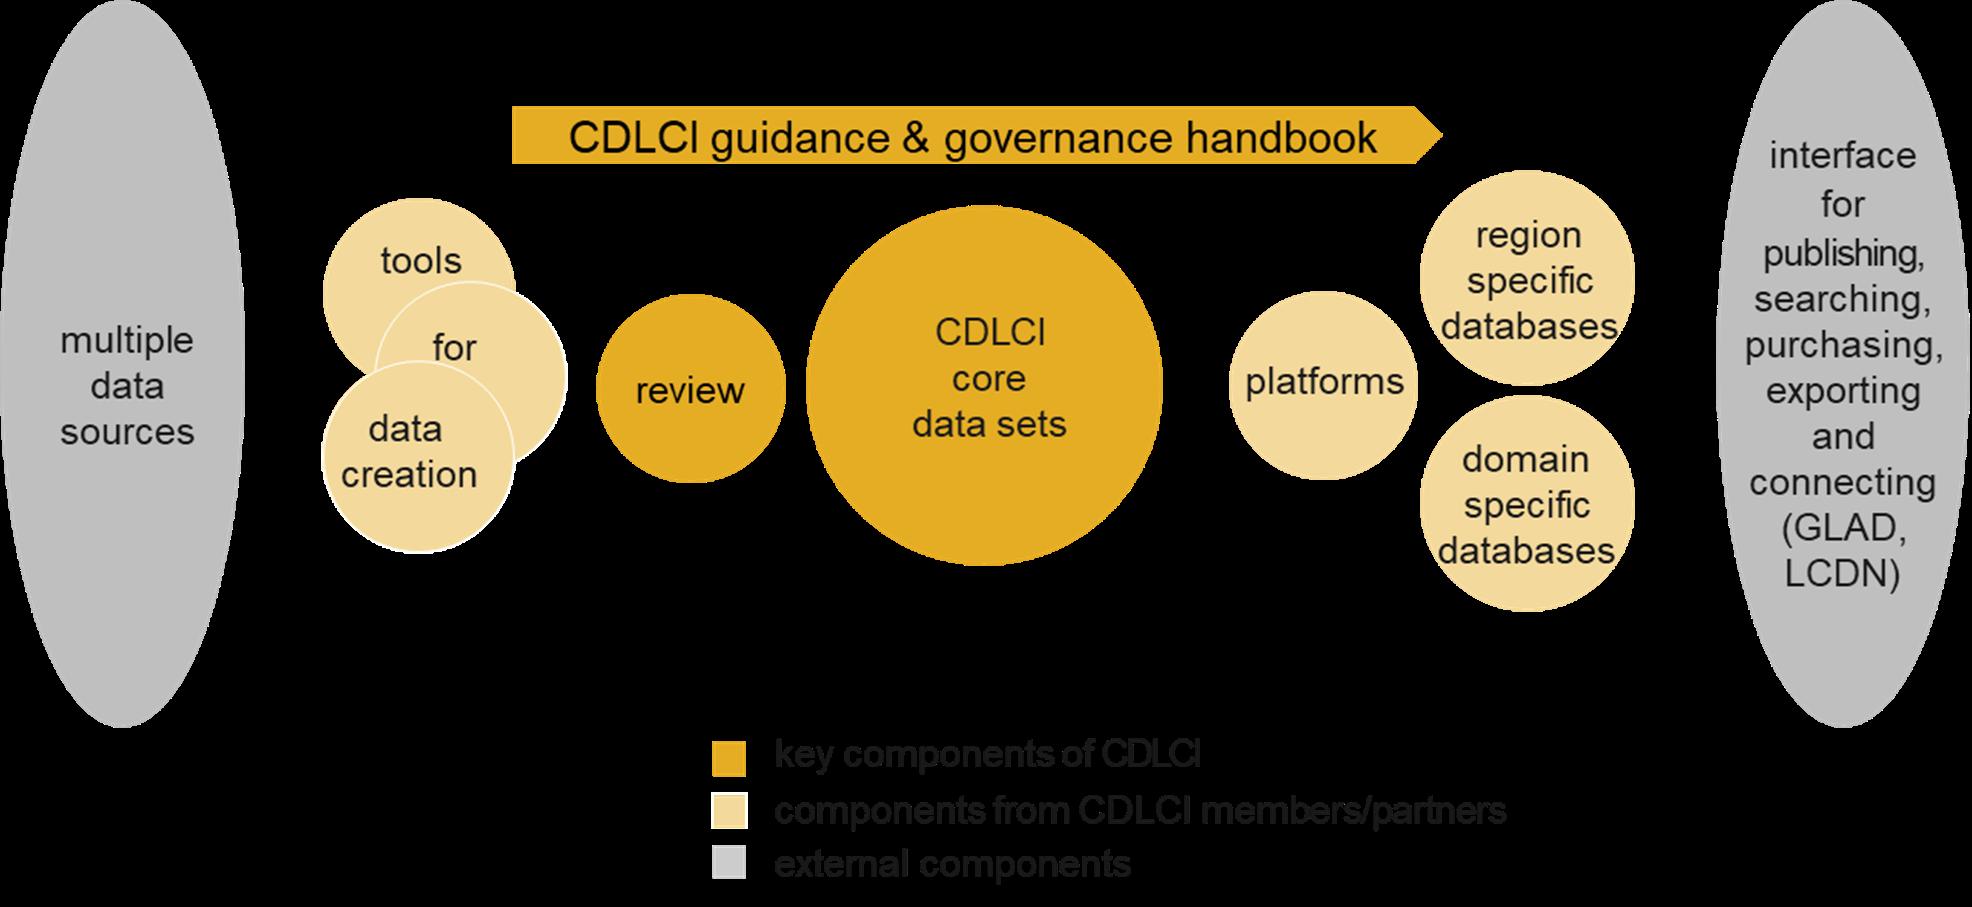 CDLCI guidance and governance handbook chart